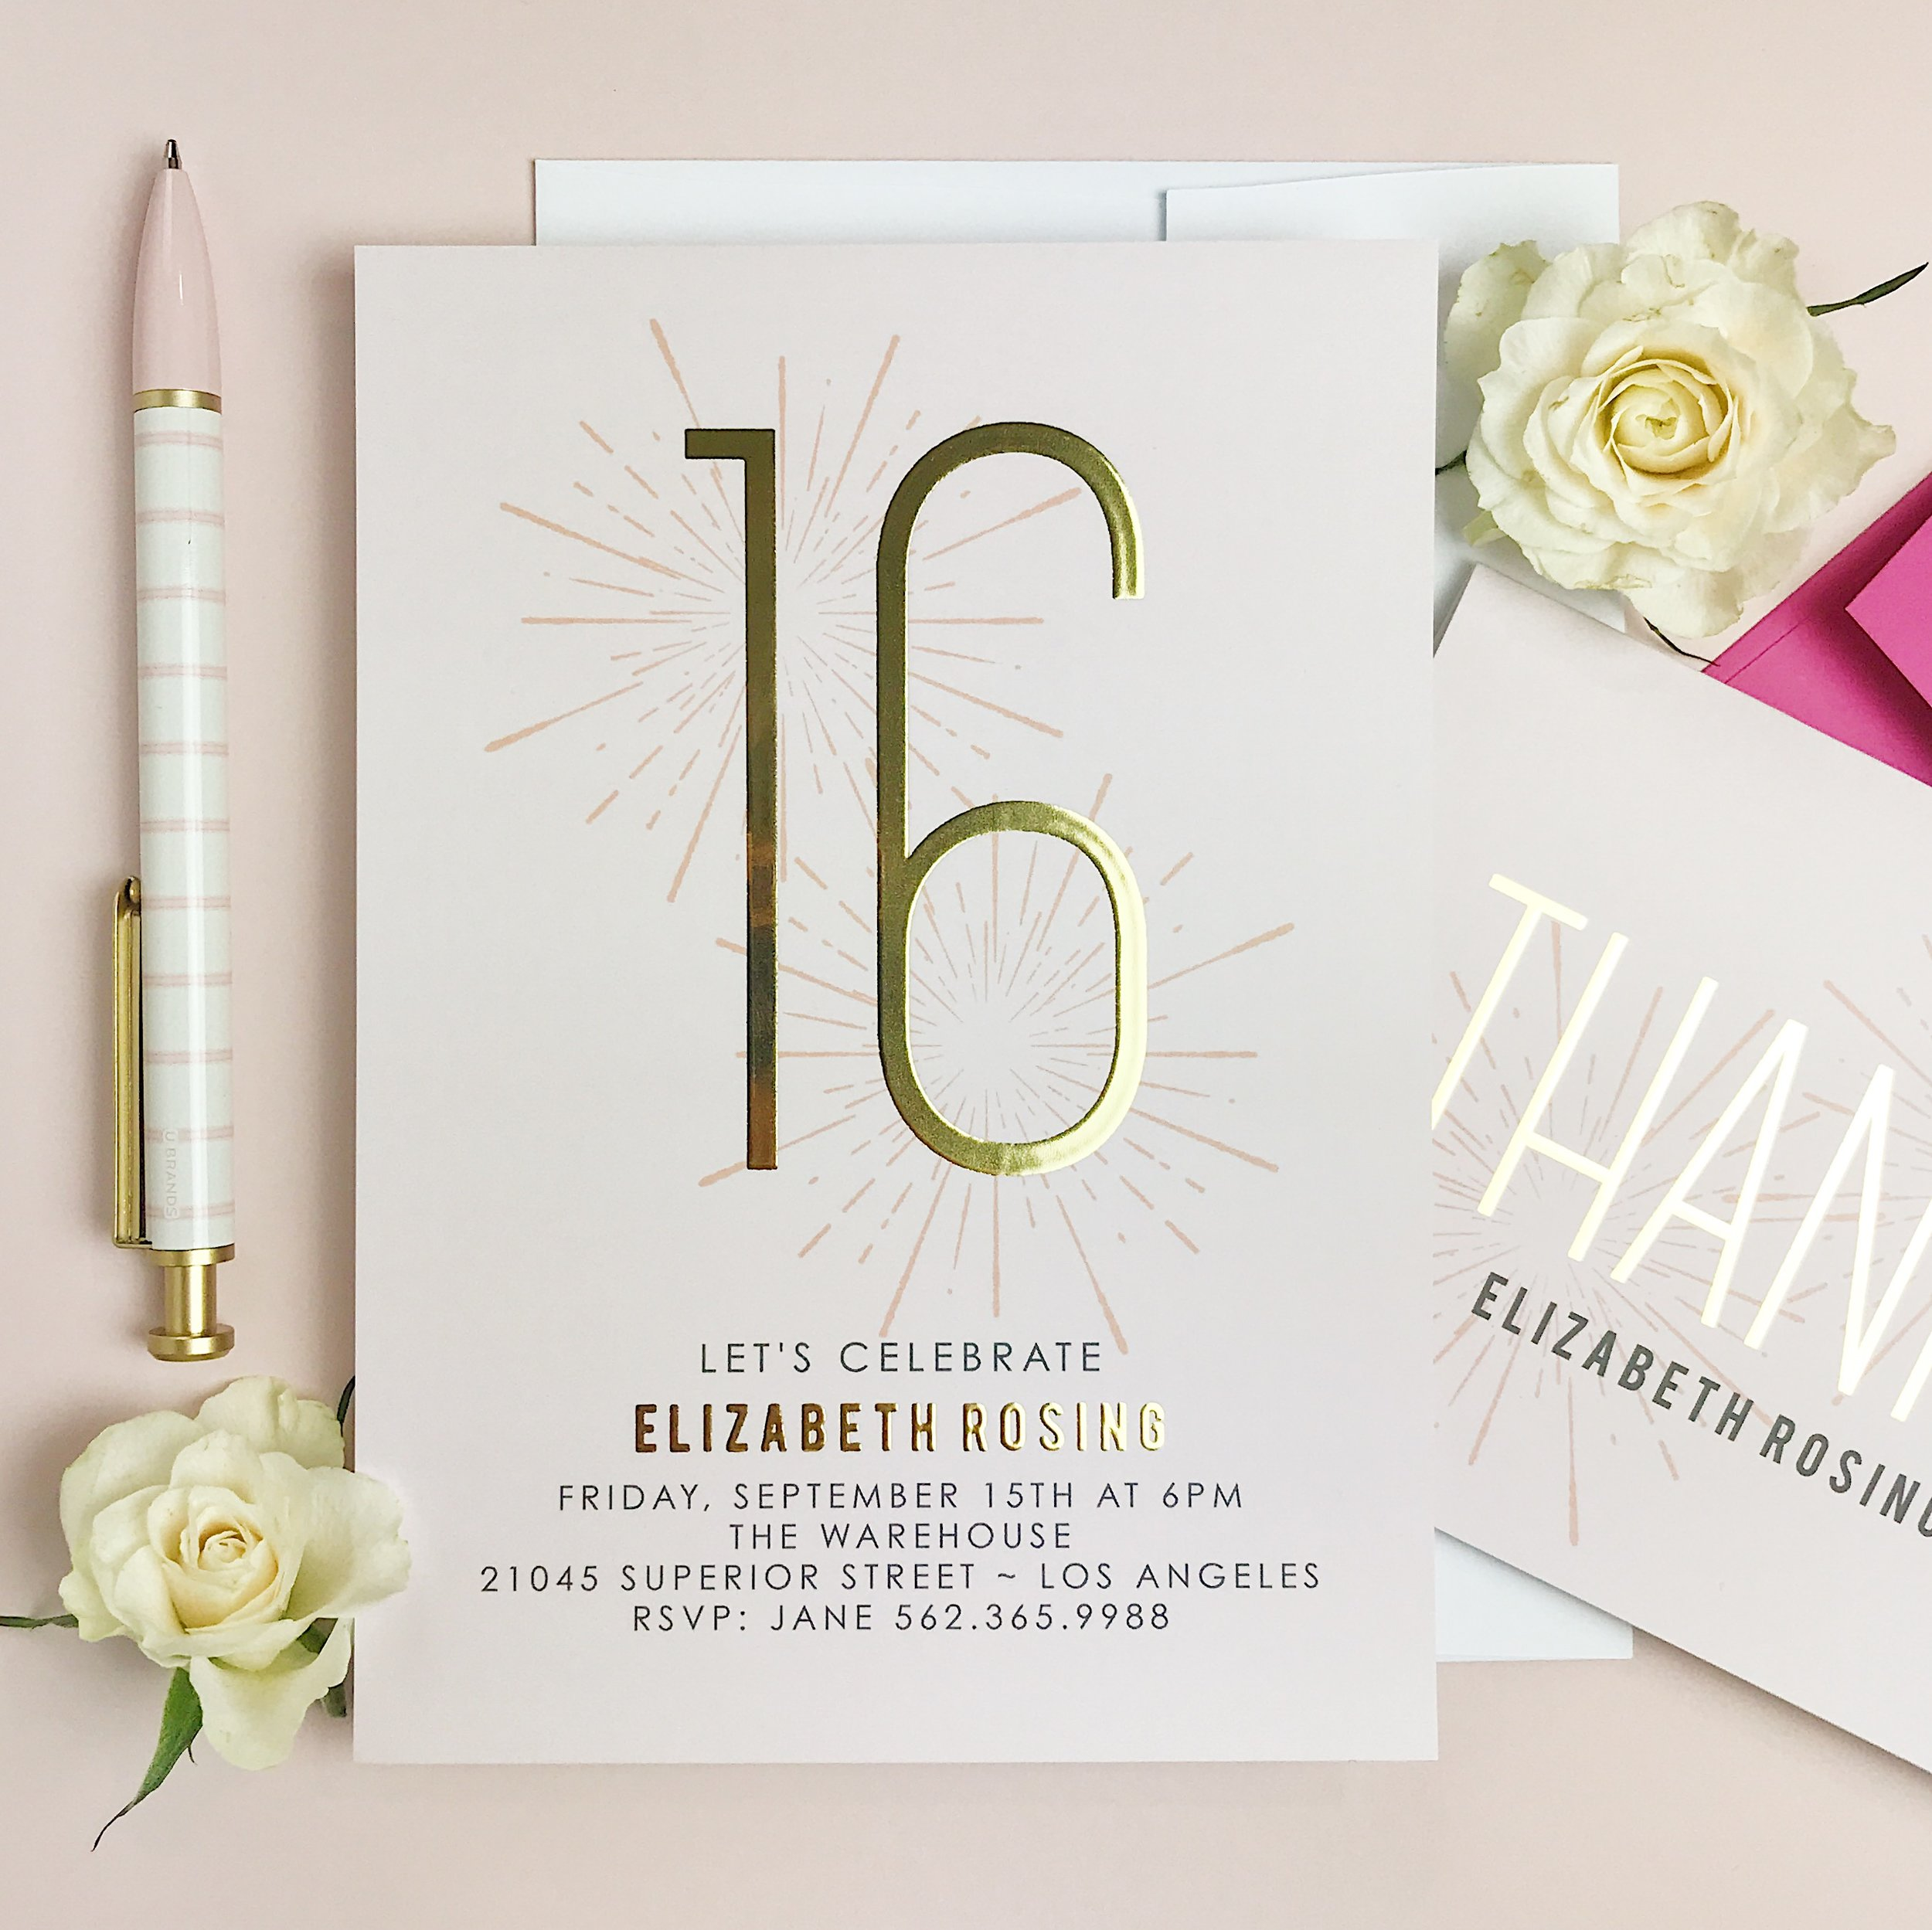 Basic_Invite_Birthday_Party_Invitations_18.jpg